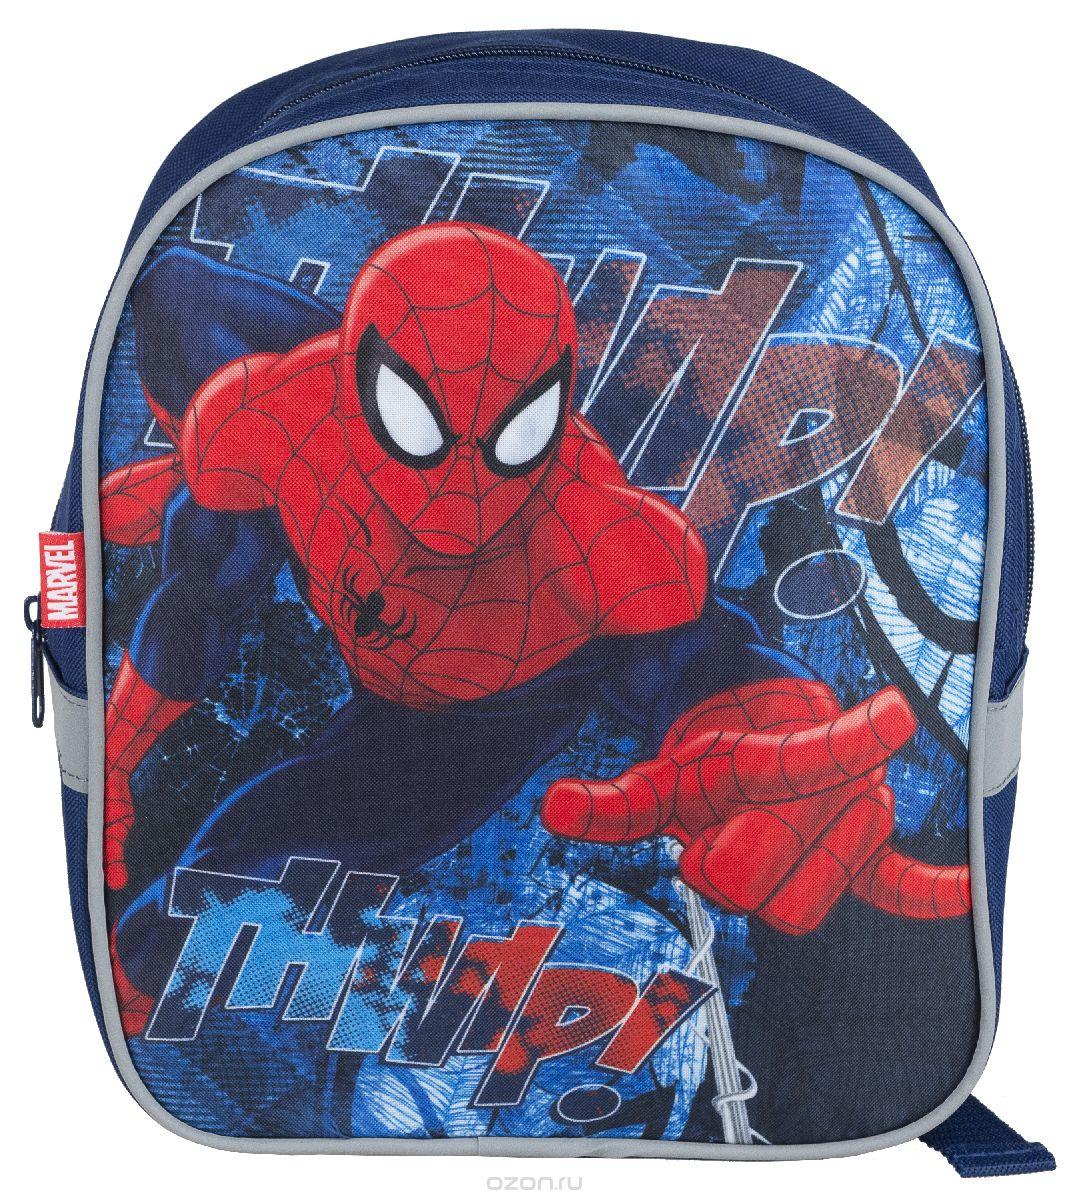 Рюкзак детский Kinderline Spider-man Classic, цвет: синий, красный. SMCB-UT3-511SMCB-UT3-511Рюкзак детский Kinderline Spider-man Classic выполнен из износоустойчивых материалов с водонепроницаемой основой, декорирован ярким рисунком. Рюкзак имеет одно вместительное основное отделение, закрывающееся на молнию. Ранец оснащен светоотражателями, удобной ручкой для переноски и двумя широкими лямками, регулируемой длины. С модным рюкзаком Spider-man Classic ваш малыш будет звездой! Стильный и продуманный до мелочей рюкзак позаботится о том, чтобы прогулки доставляли ребенку только удовольствие.